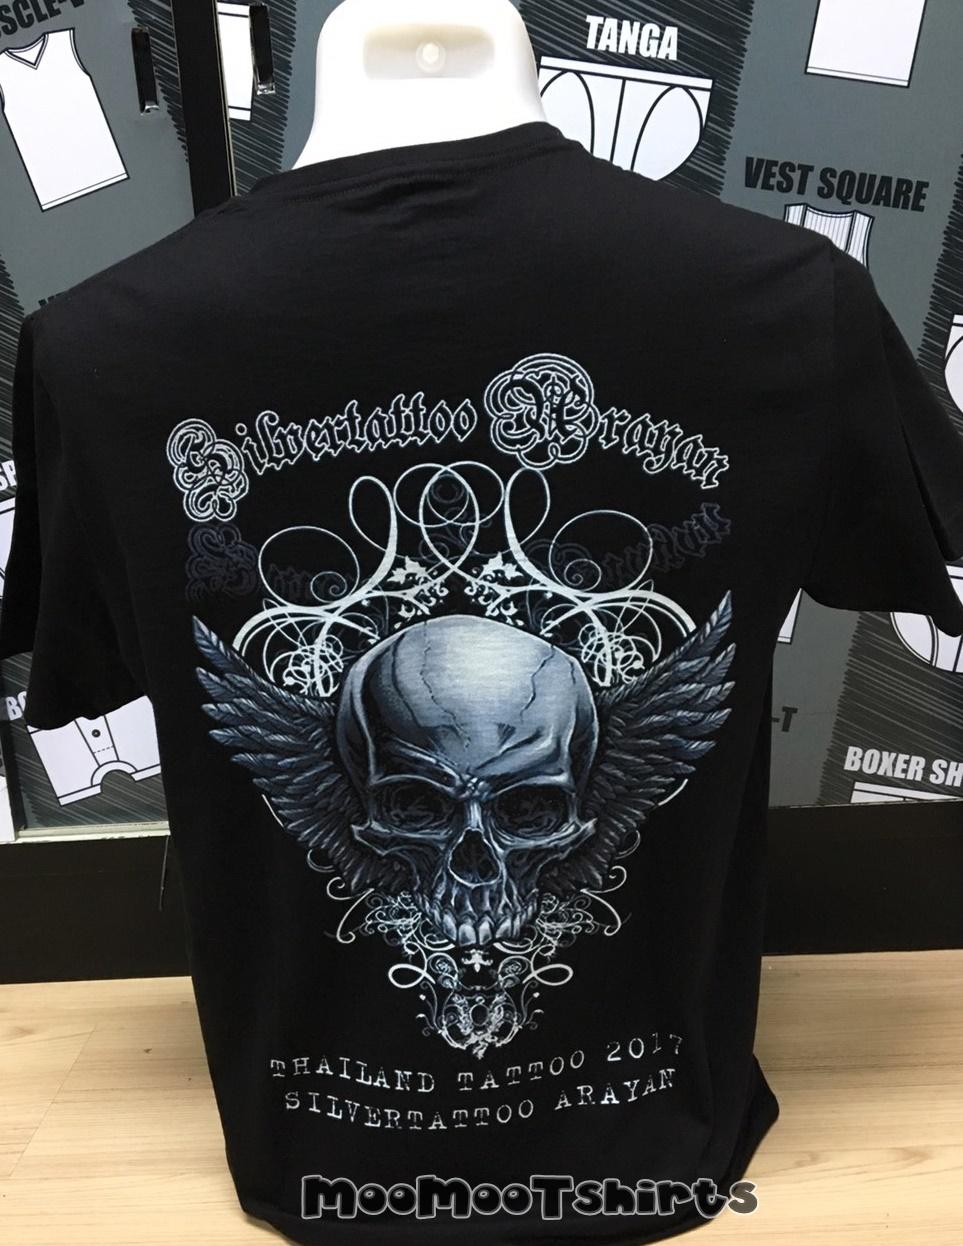 เสื้อยืดดำสกรีนลายรูปหัวกะโหลก ขนาด A3 ด้วยระบบ DTG